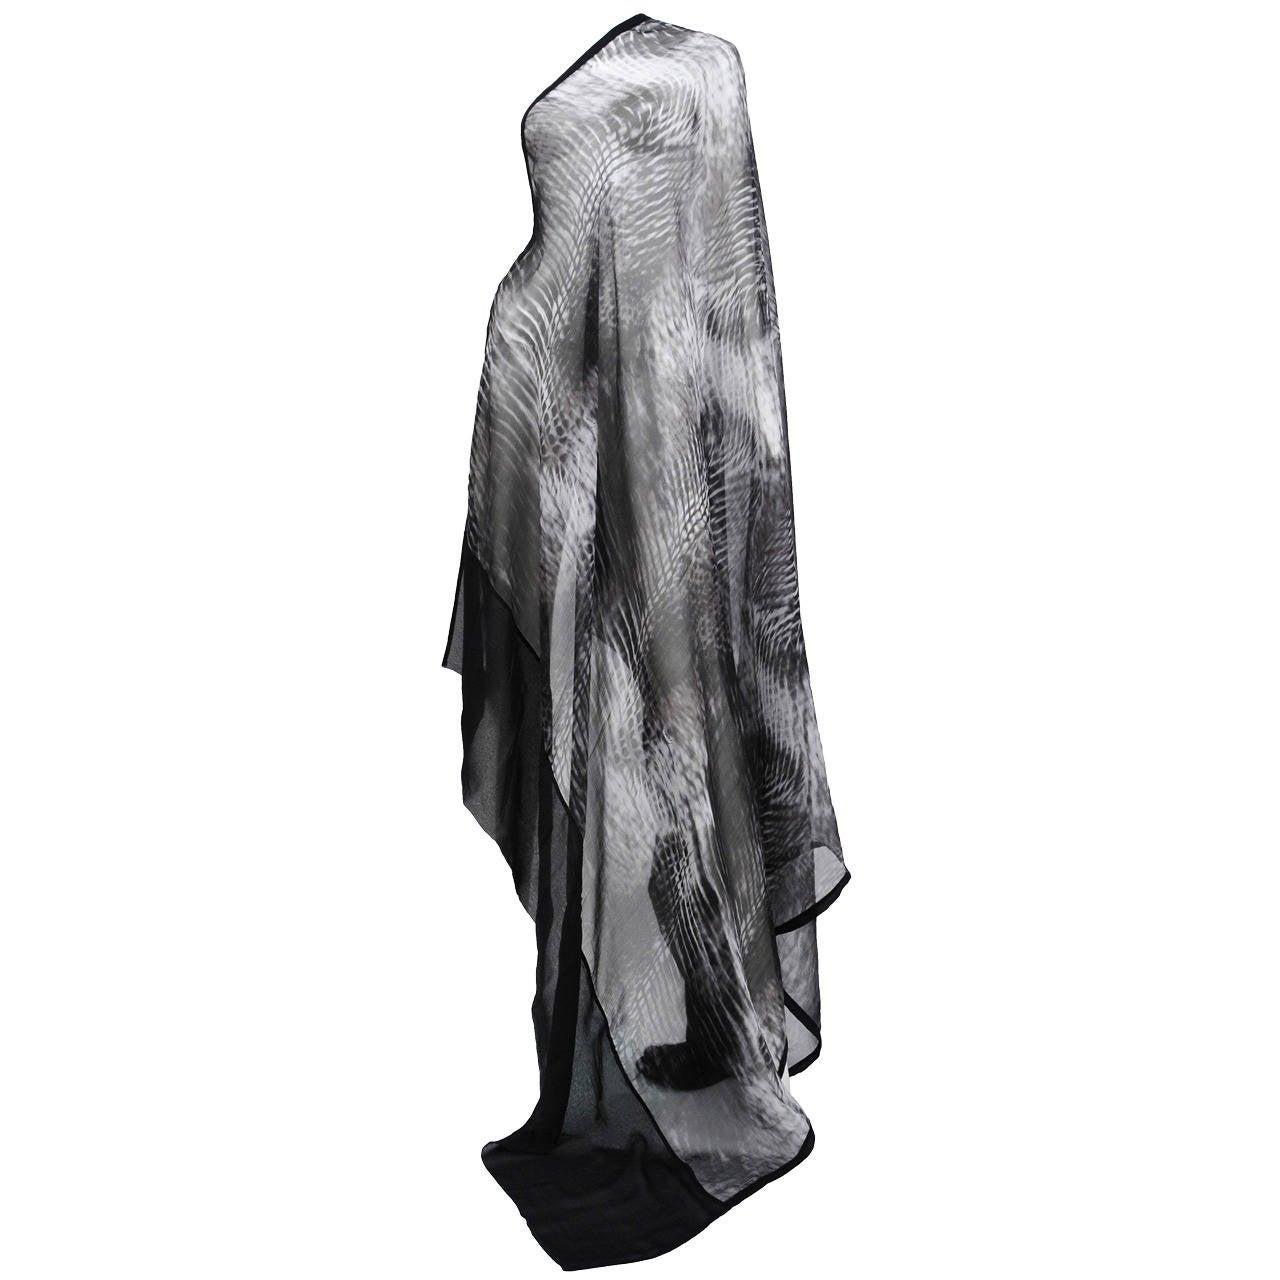 Tom Ford for Gucci Tye-Dye Silk Scarf